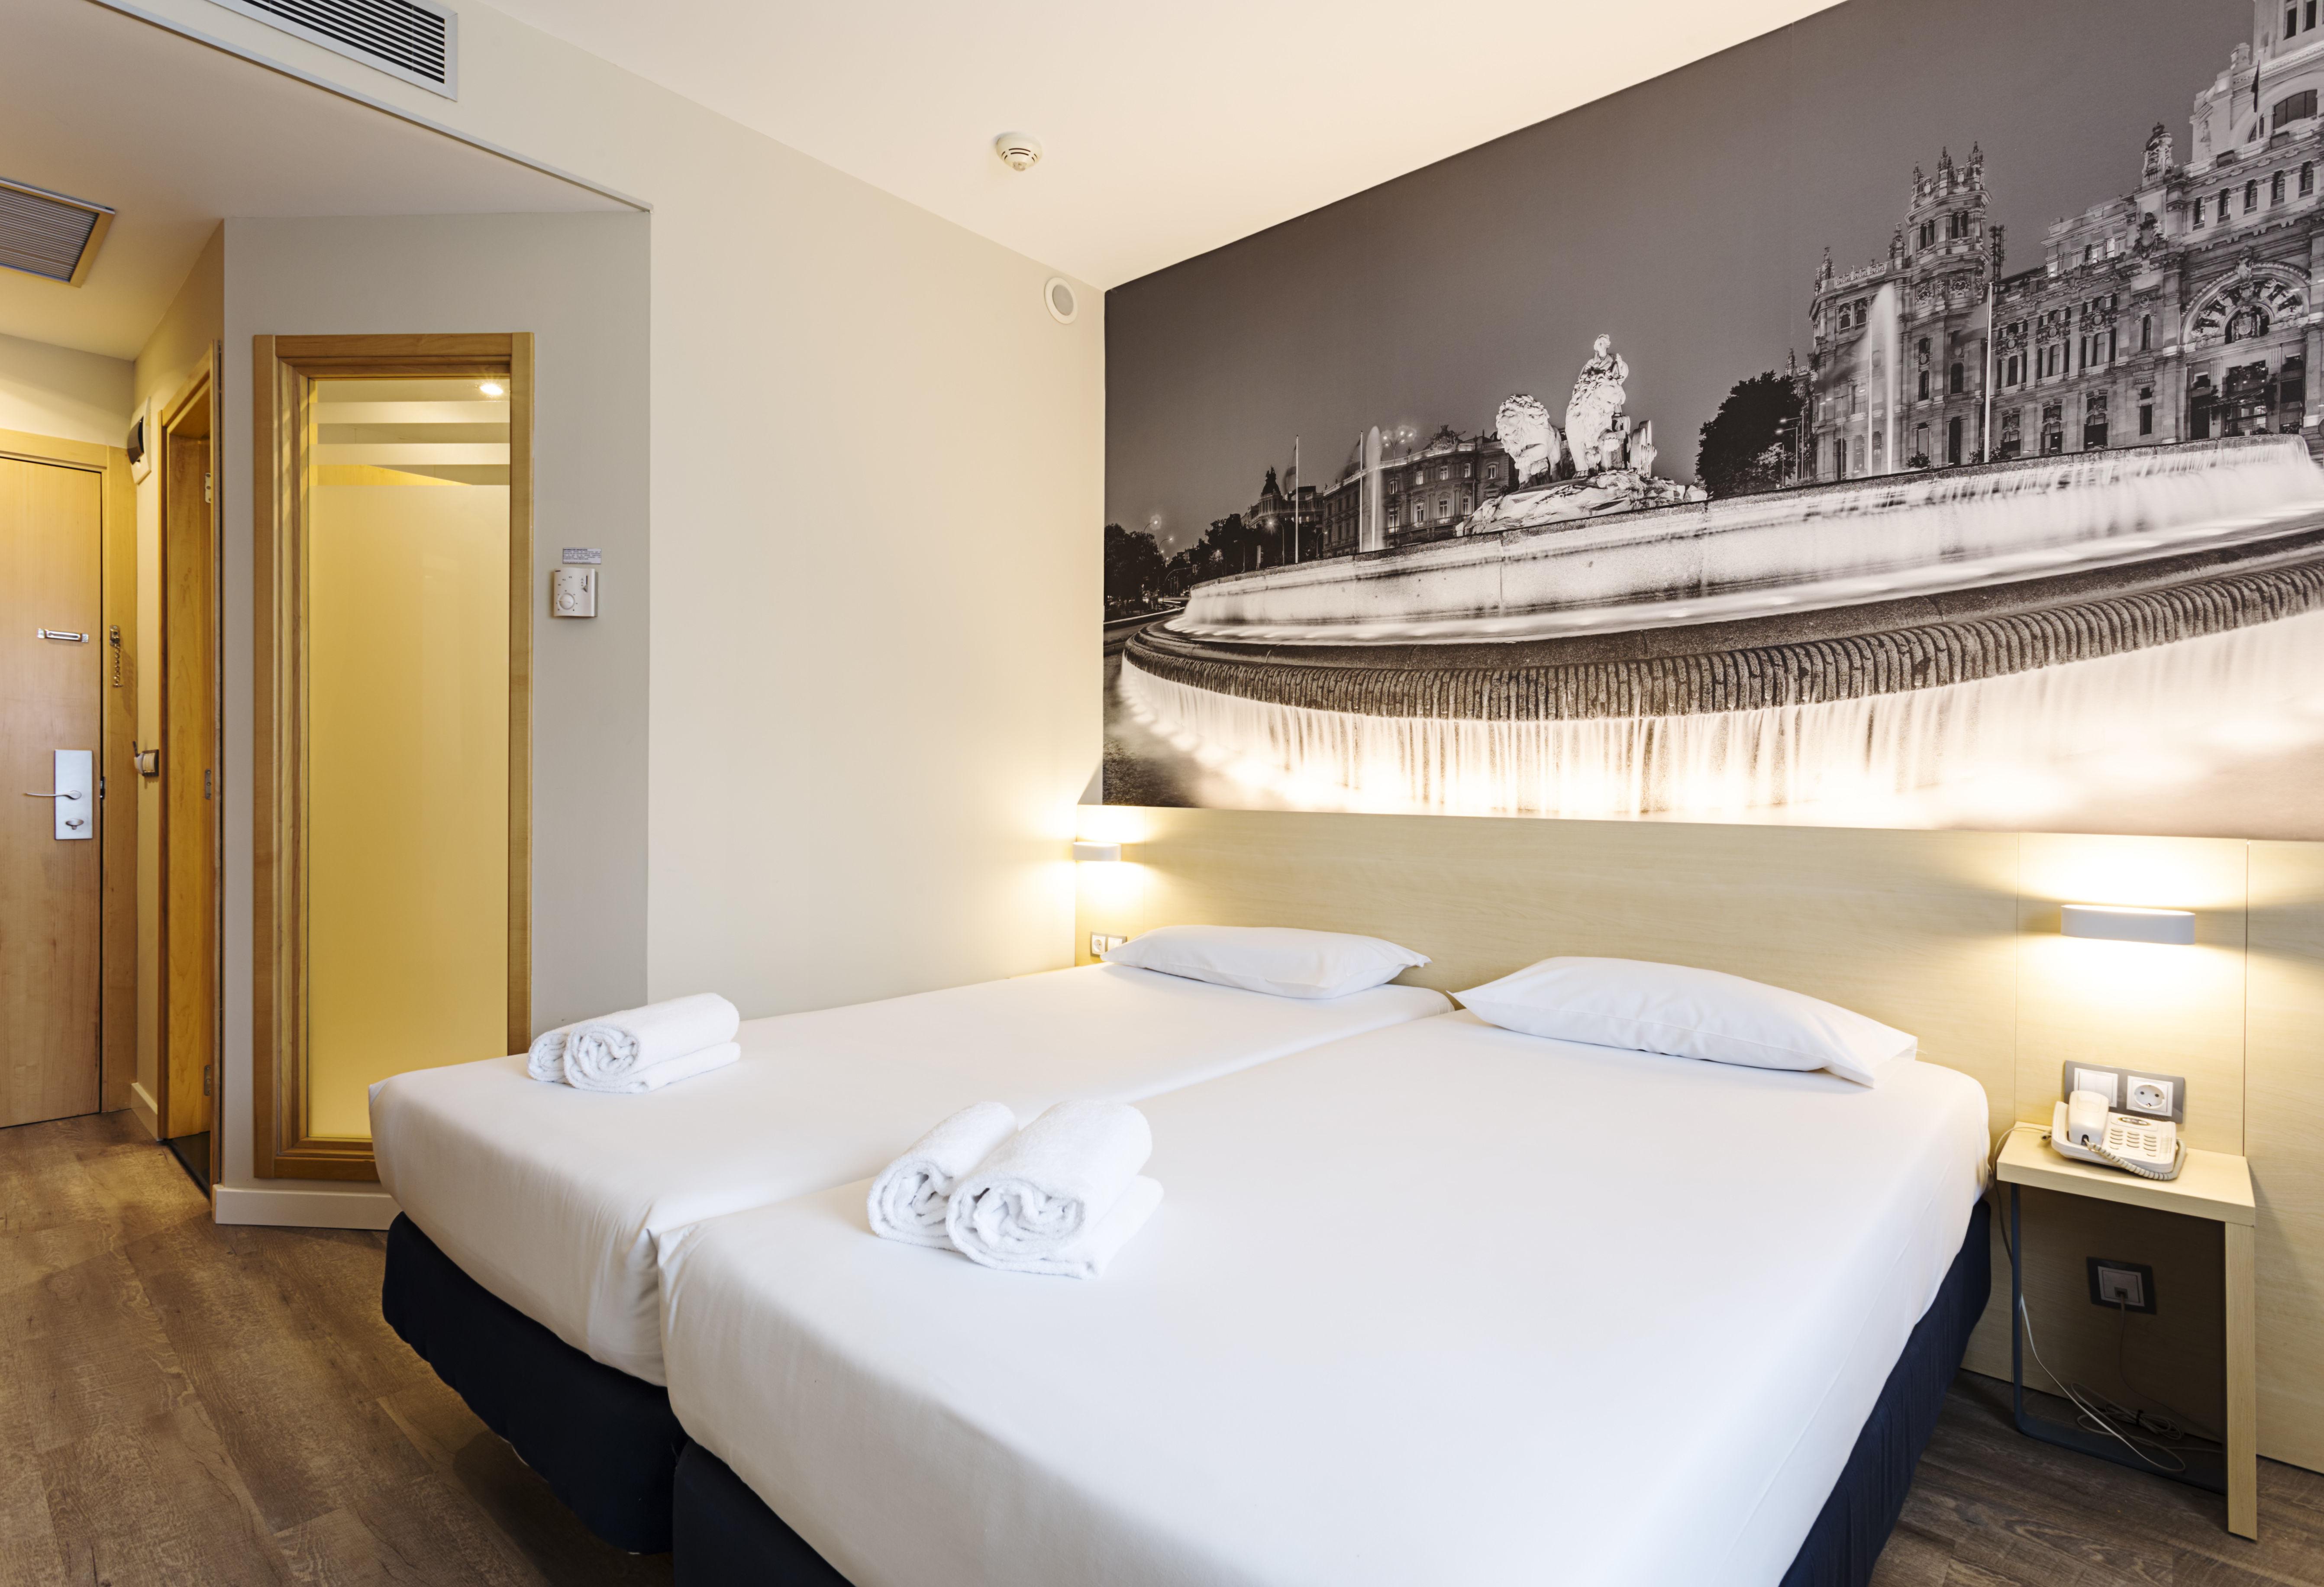 Habitación doble  del hotel B&b Madrid Airport. Foto 2